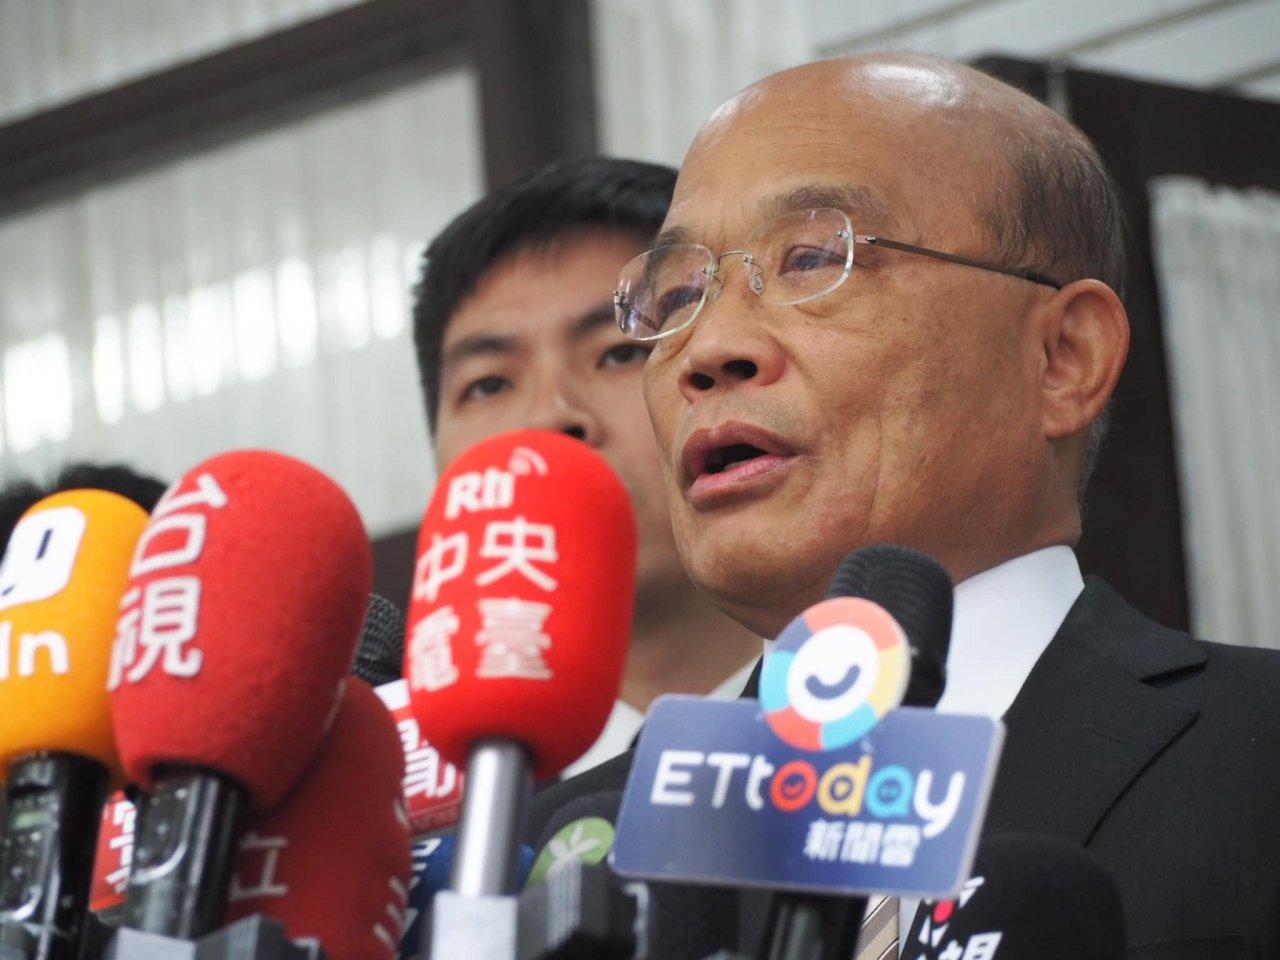 反駁挑釁中國說 蘇揆:為維護和平只好做戰爭準備